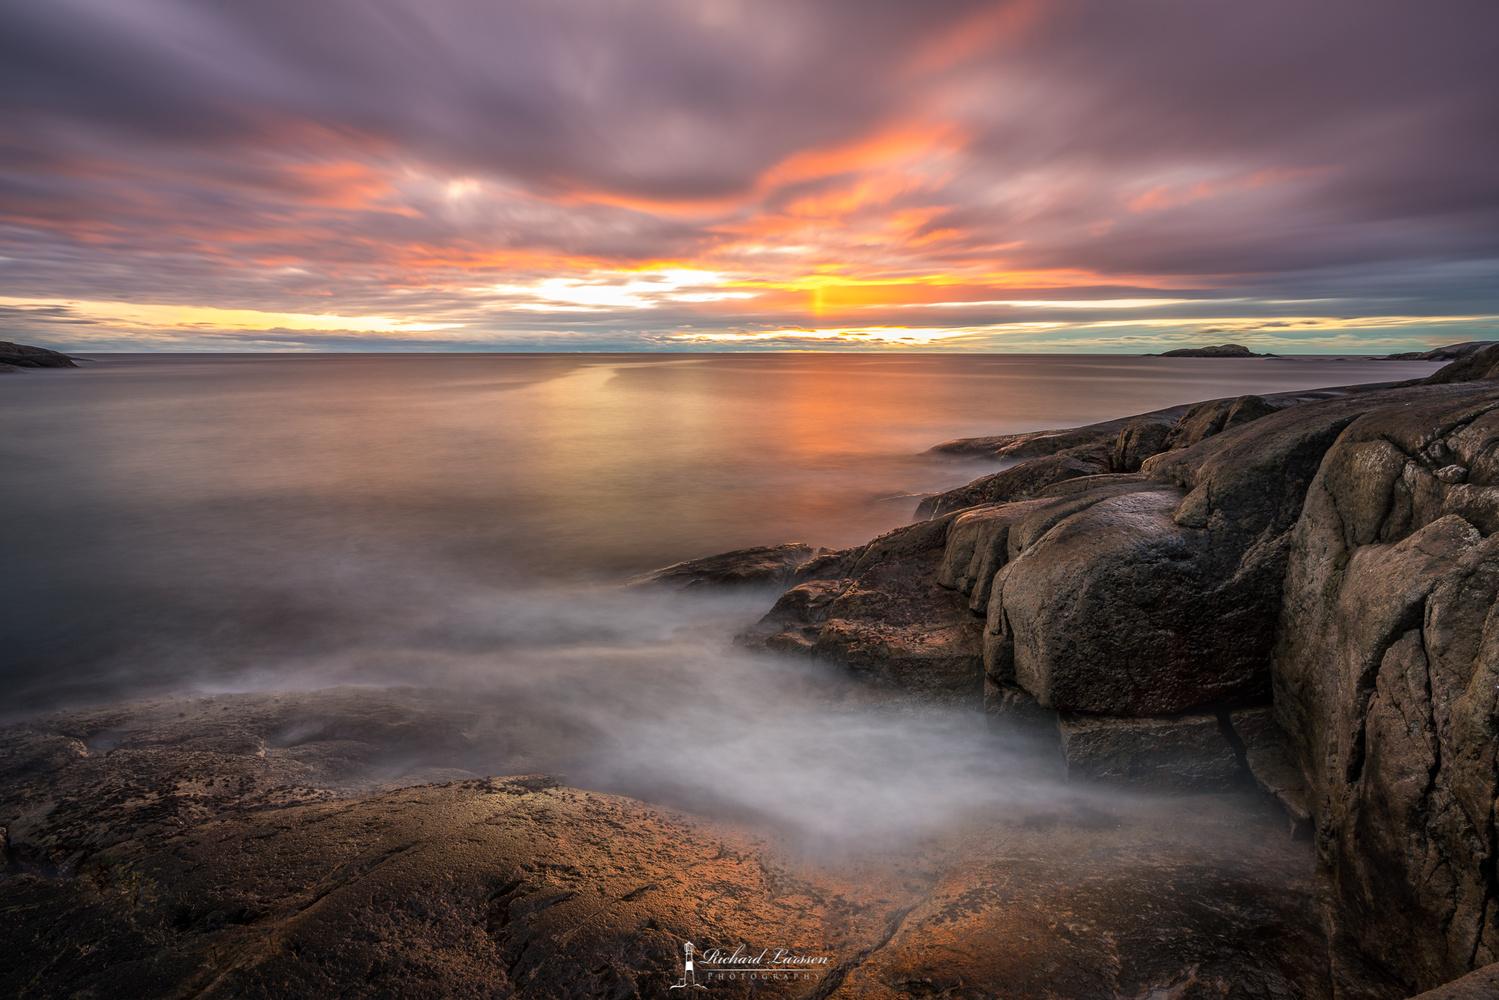 Sunset at the coast by Richard Larssen